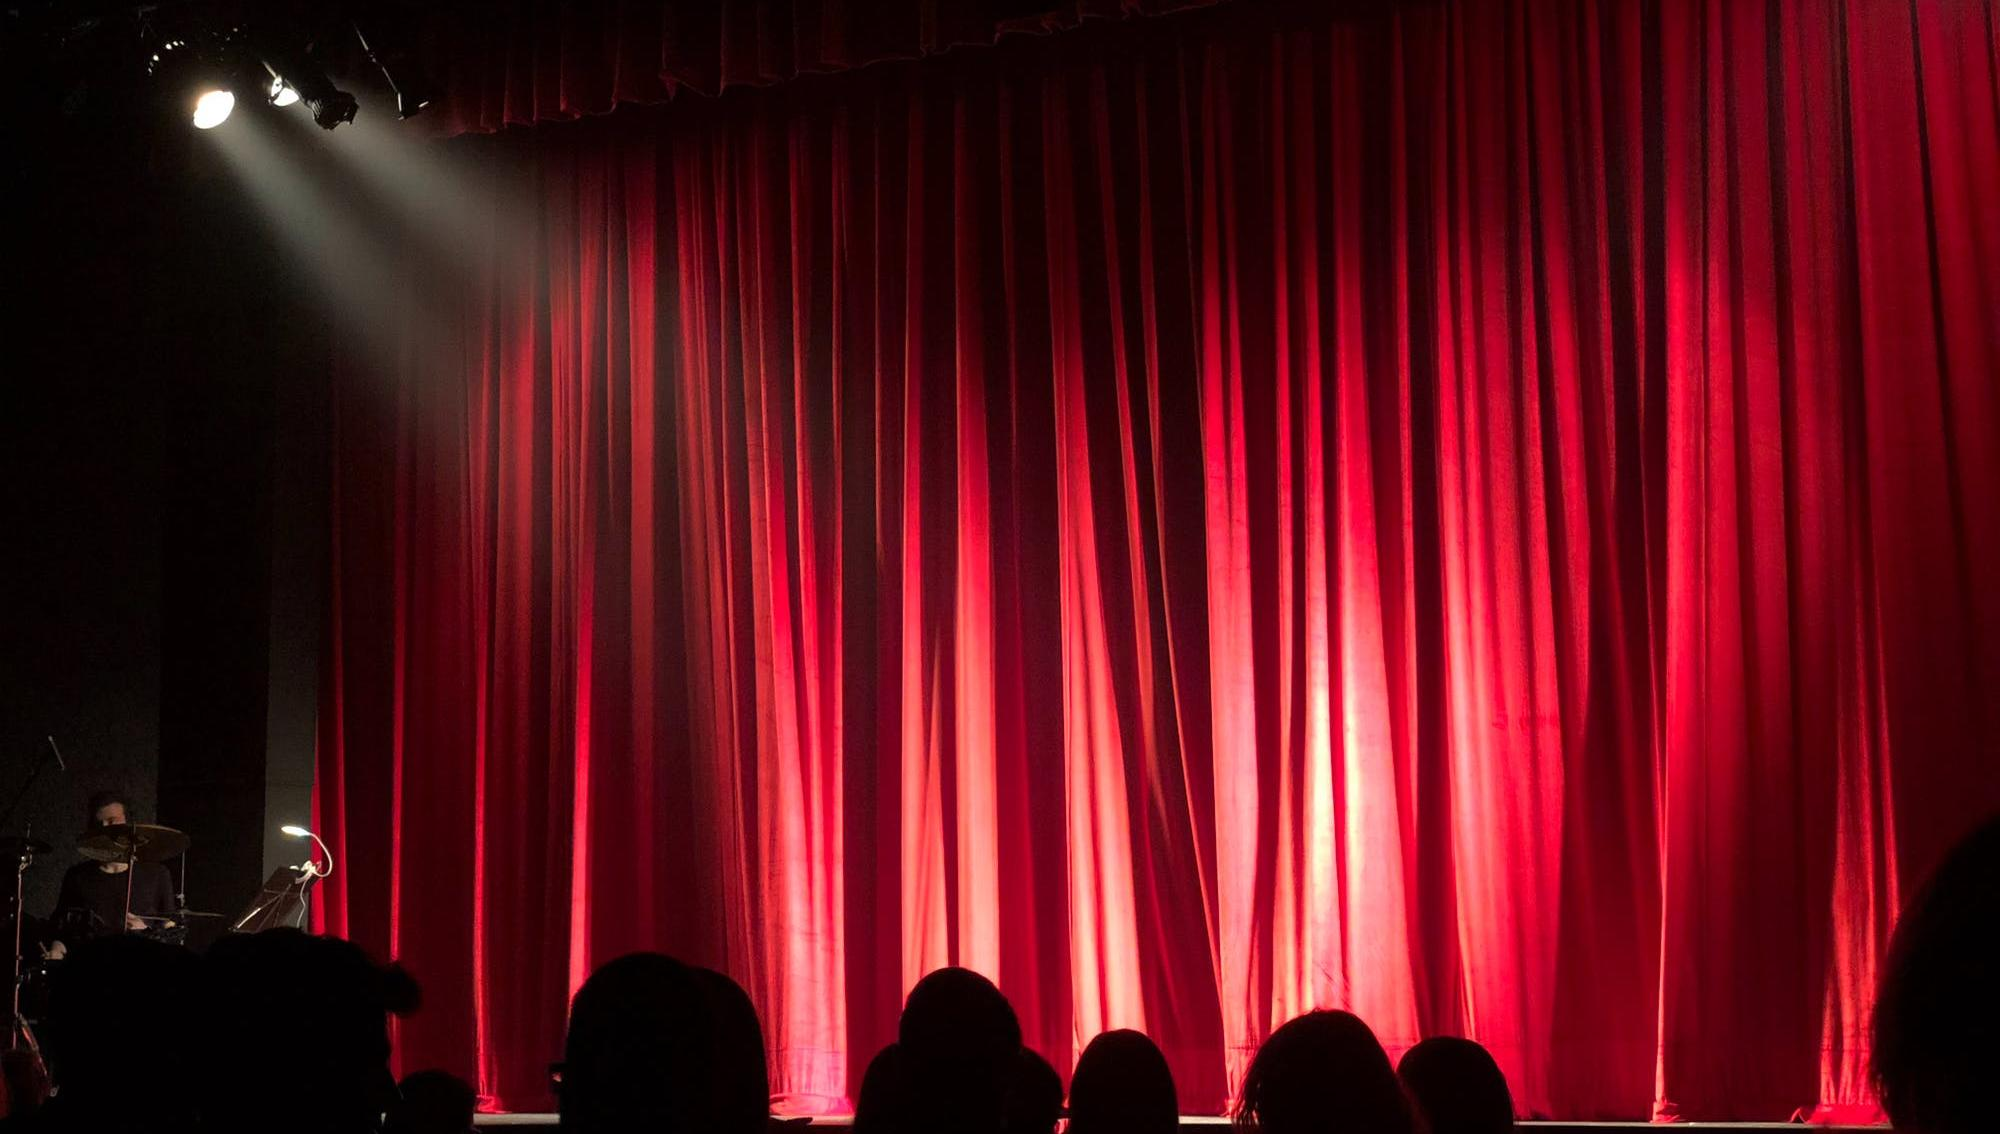 В Тверском театре кукол готовят премьеру – спектакль «Аистенок и Пугало» - новости Афанасий